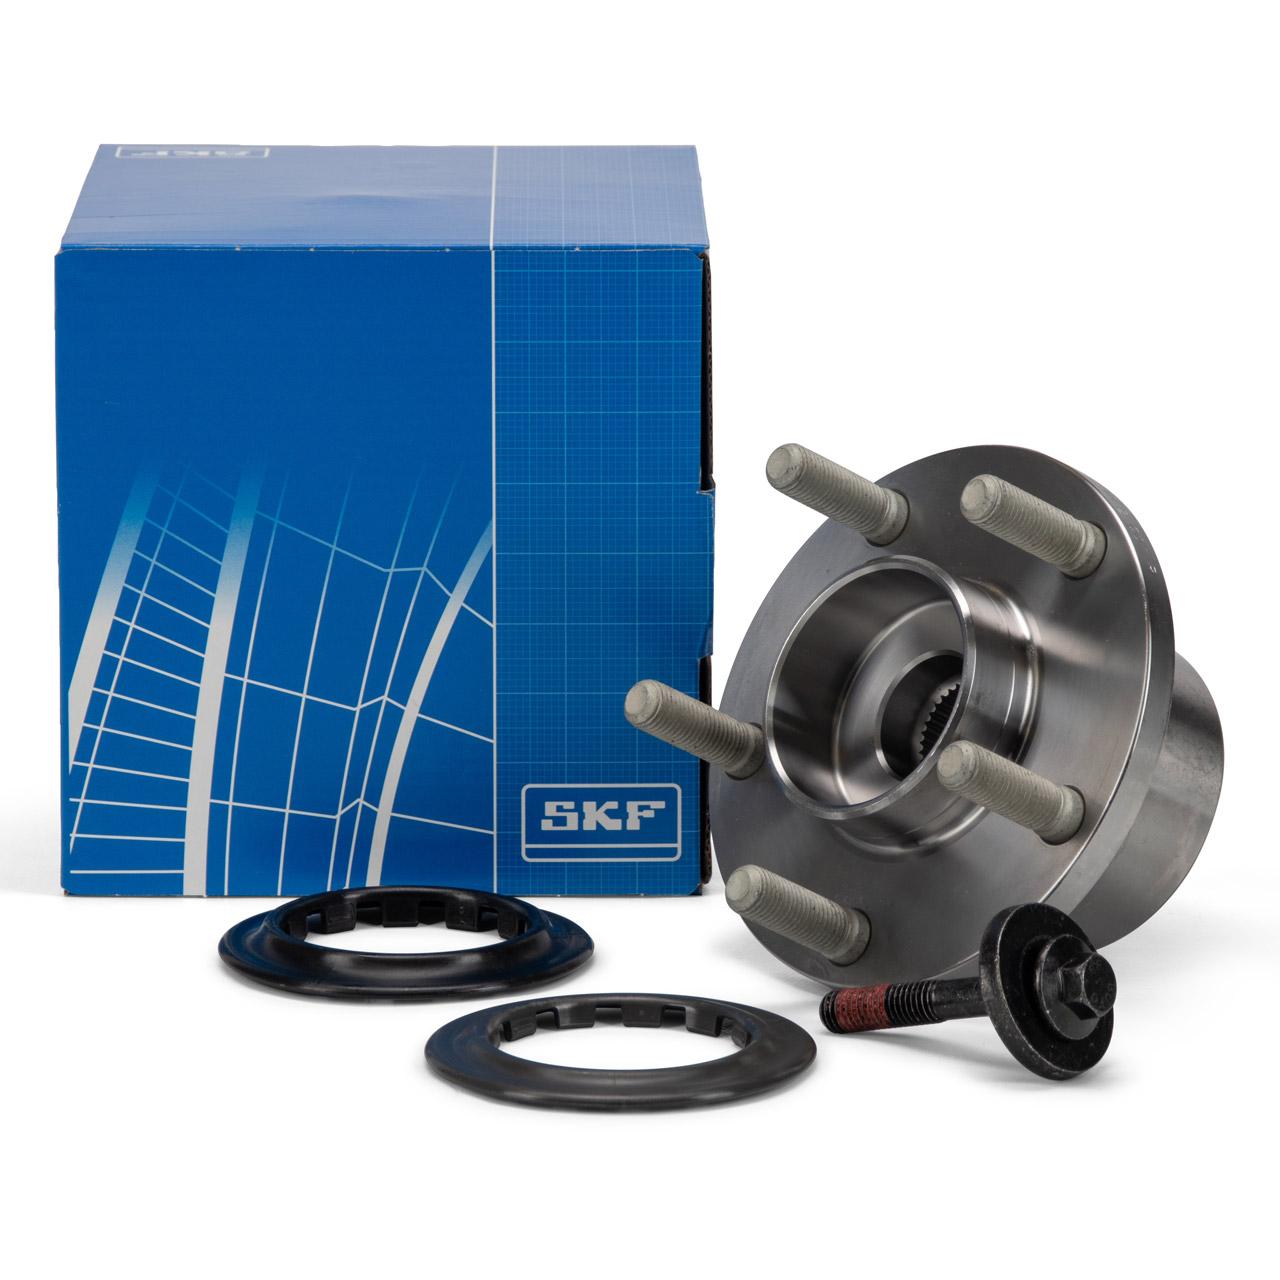 SKF VKBA6543 Radnabe Radlager für VOLVO C30 C70 II S40 II (MS) V50 (MW) vorne